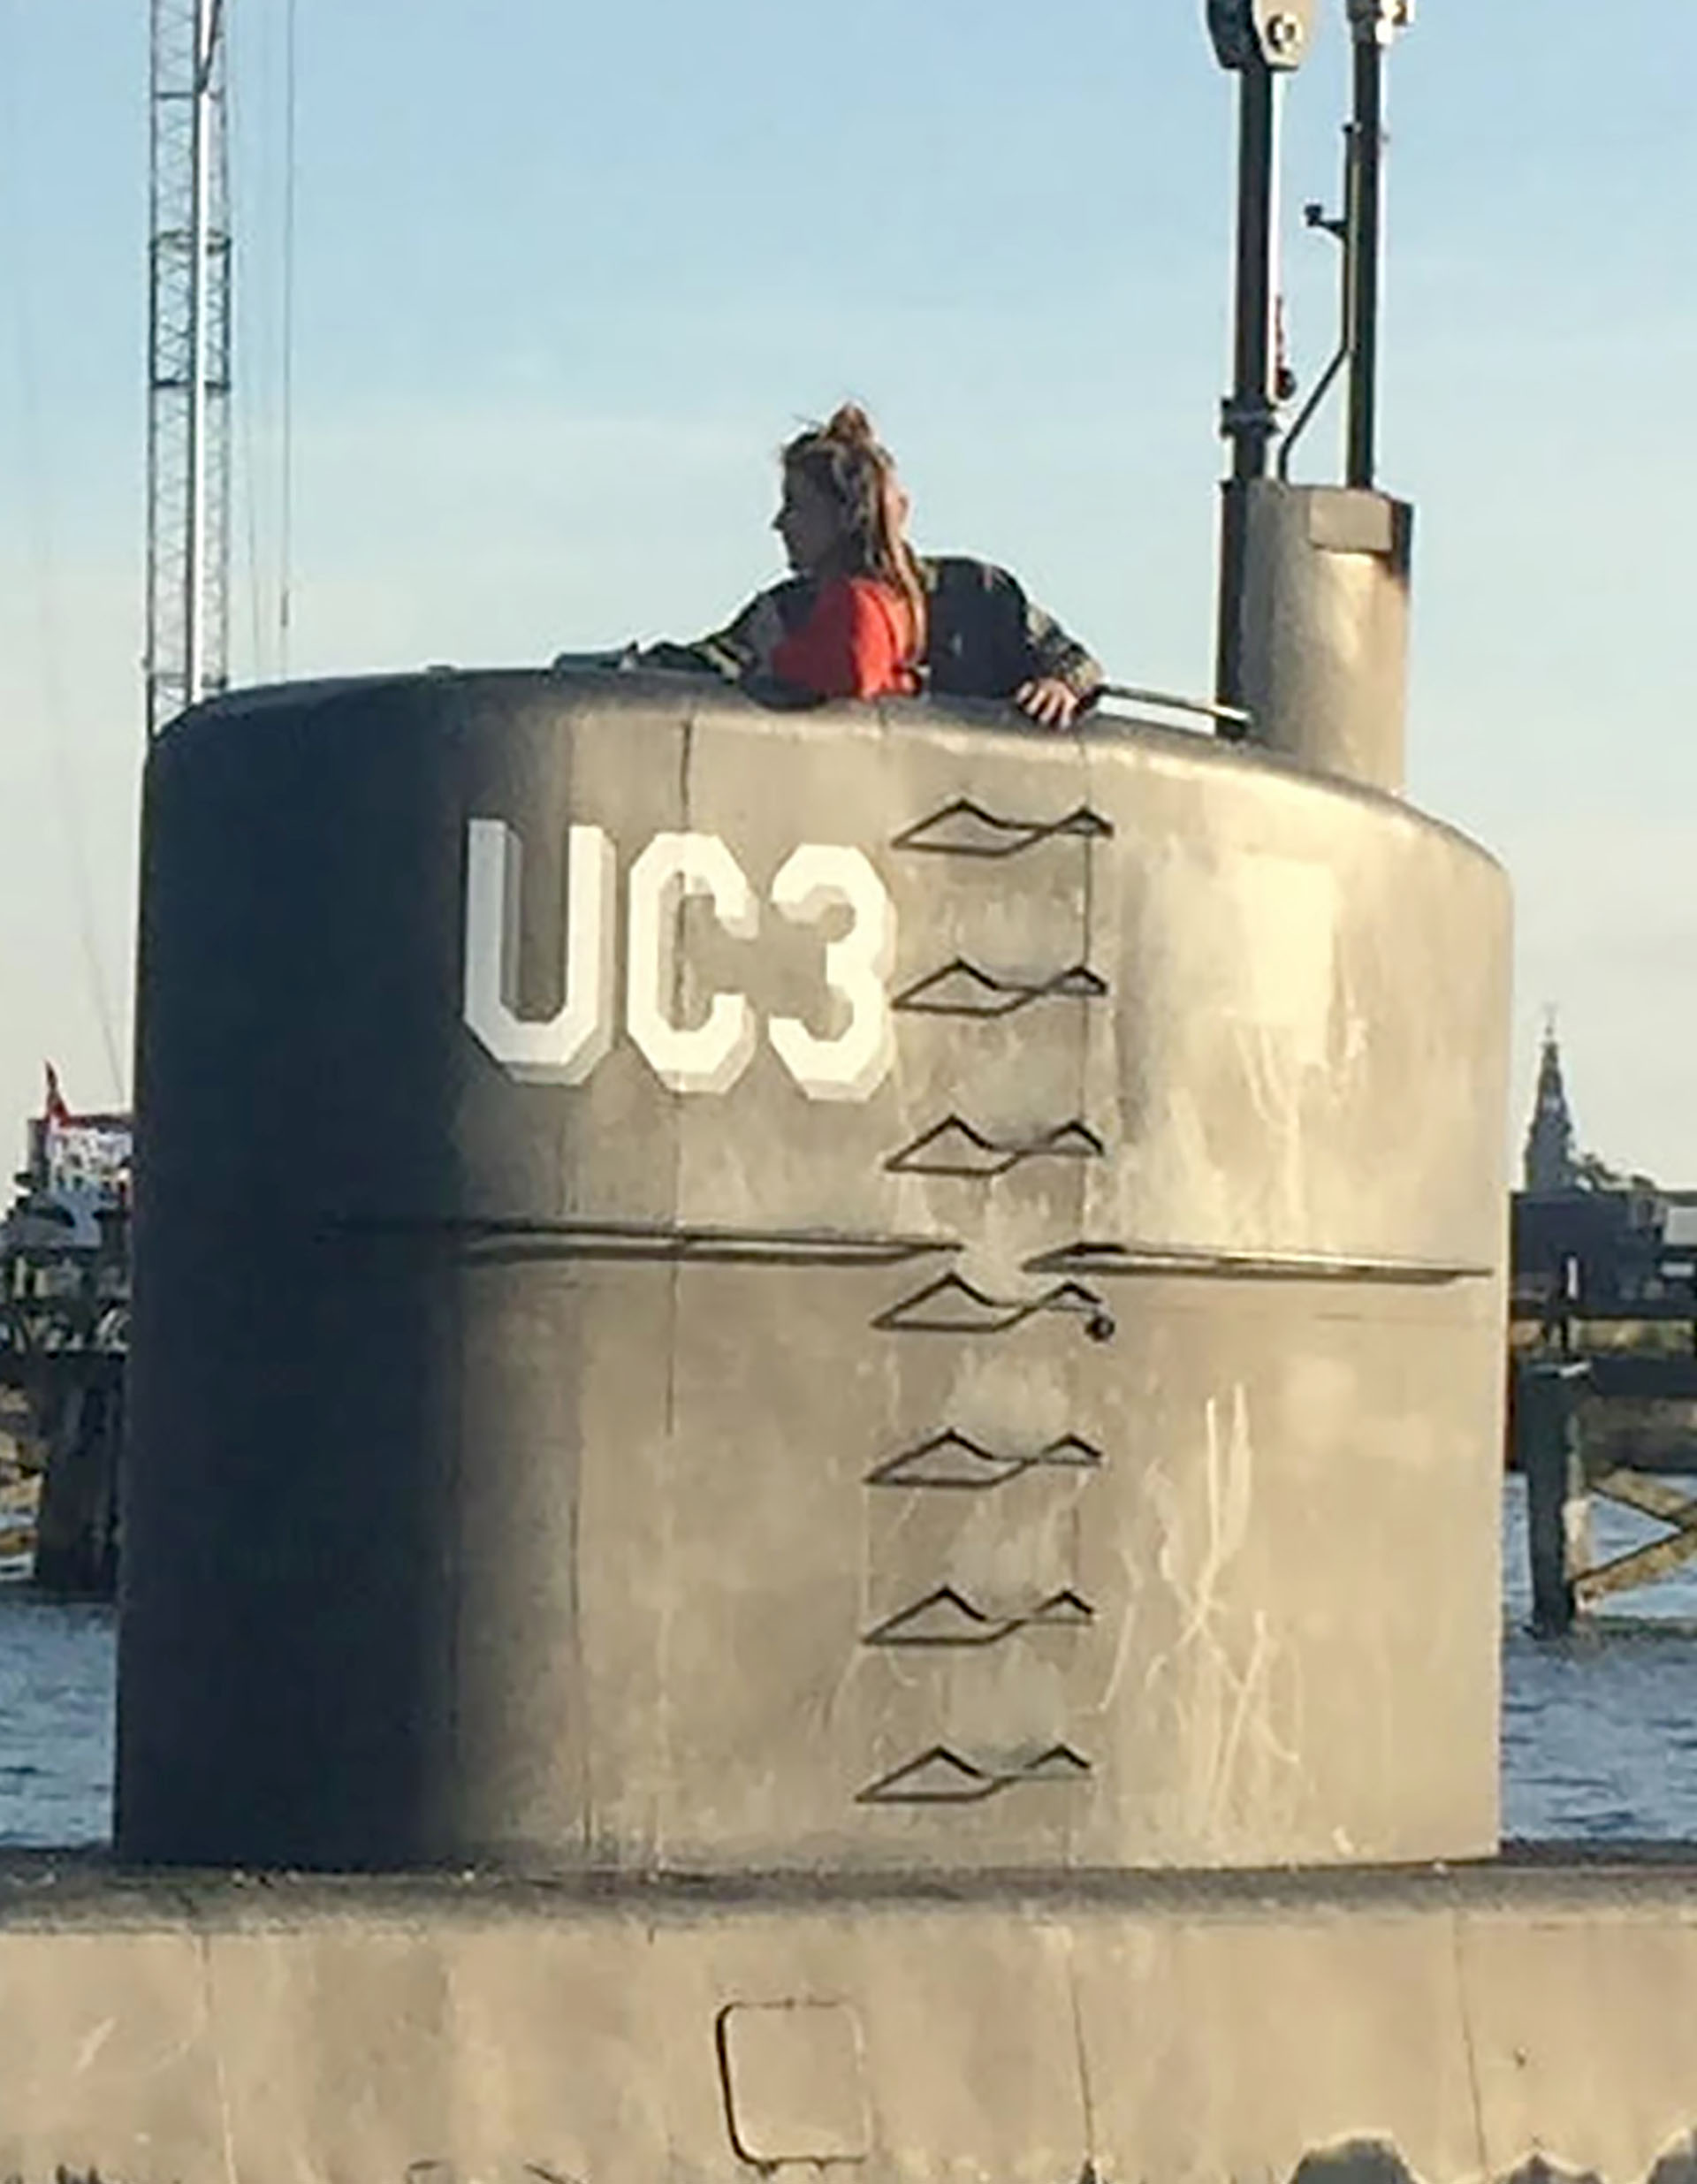 La foto de la periodista Kim Wall el 10 de agosto en el submarino de Peter Madsen (AFP/Scanpix Denmark/Anders Valdsted)